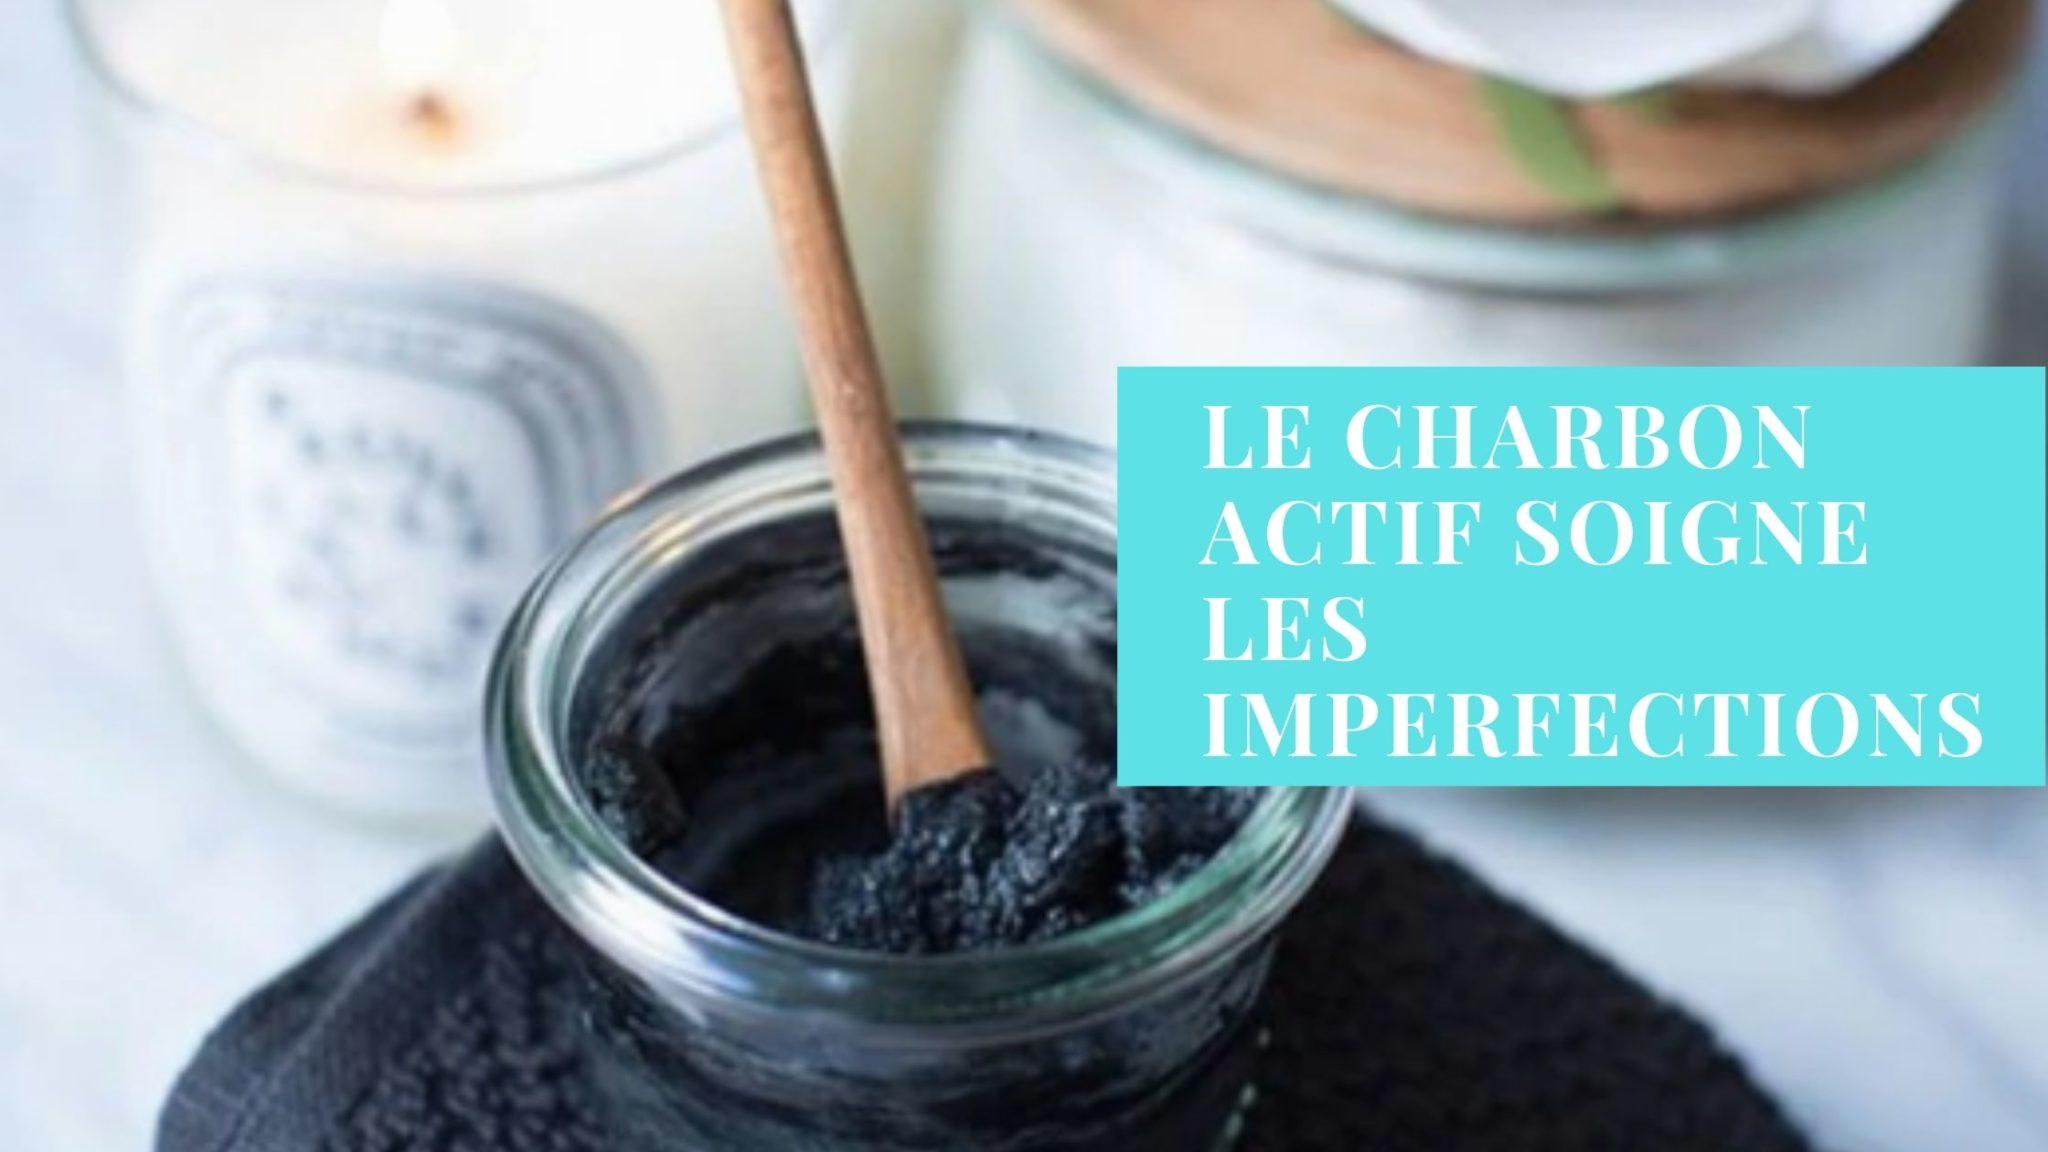 Débarrassez-vous de vos imperfections avec le charbon actif